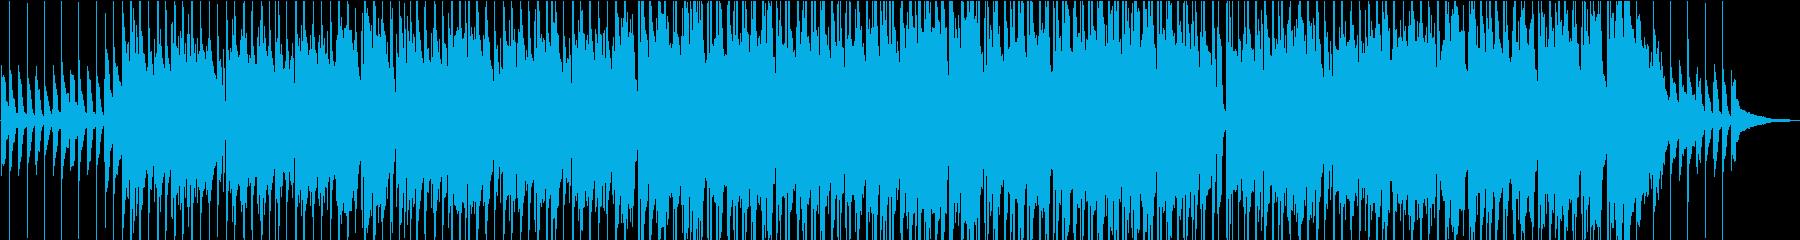 明るい雰囲気のポップスの再生済みの波形